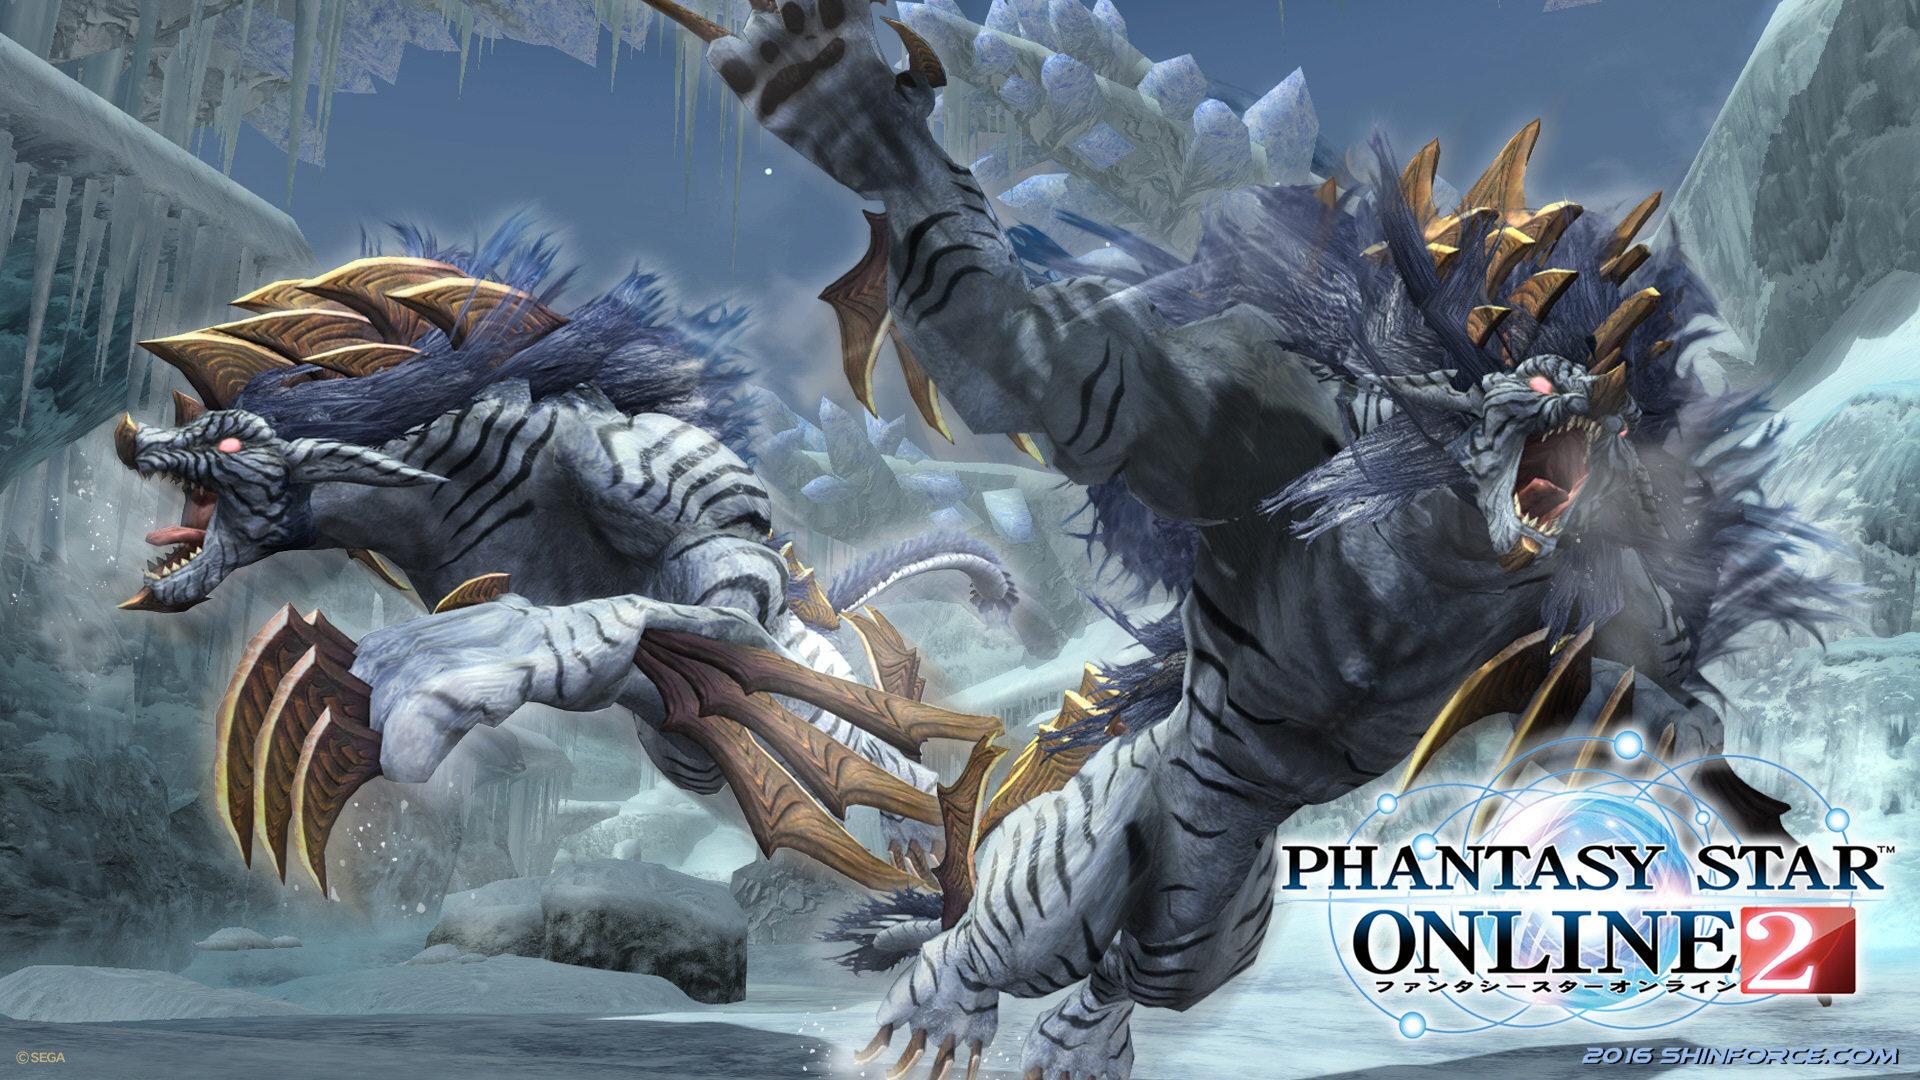 Phantasy Star Online Wallpaper: Phantasy Star Online 2 :: Wallpaper